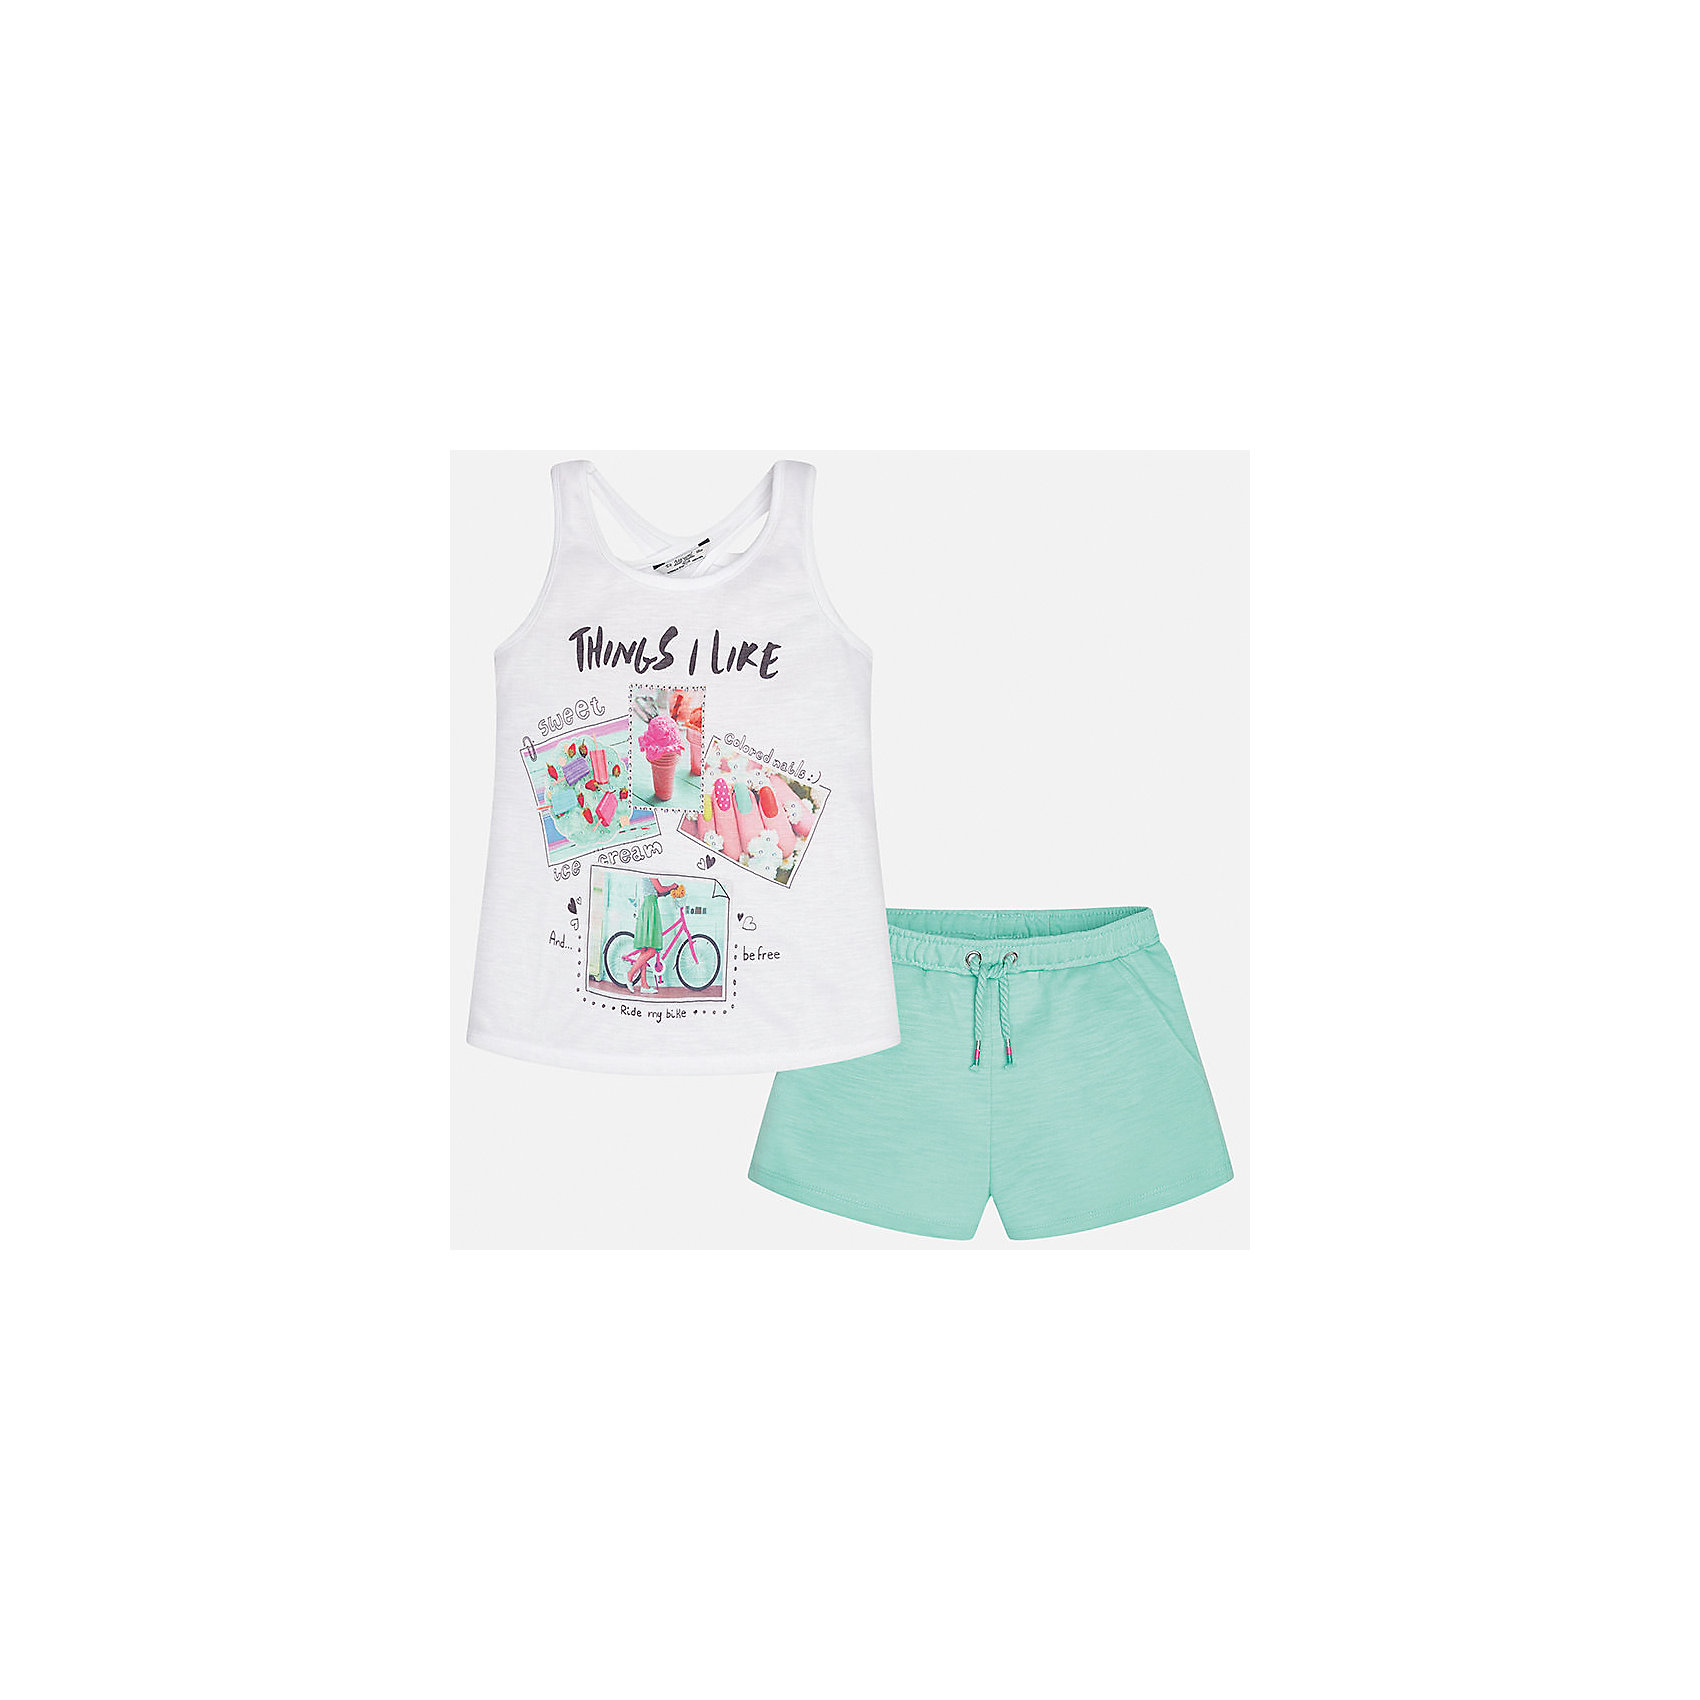 Комплект: футболка с длинным рукавом и шорты для девочки MayoralКомплекты<br>Характеристики товара:<br><br>• цвет: белый/зеленый<br>• состав: 100% полиэстер<br>• комплектация: майка, шорты<br>• майка декорирована принтом<br>• шорты с карманами<br>• пояс на резинке<br>• страна бренда: Испания<br><br>Стильный качественный комплект для девочки поможет разнообразить гардероб ребенка и красиво одеться в теплую погоду. Он отлично сочетается с другими предметами. Универсальный цвет позволяет подобрать к вещам обувь практически любой расцветки. Интересная отделка модели делает её нарядной и оригинальной. <br><br>Одежда, обувь и аксессуары от испанского бренда Mayoral полюбились детям и взрослым по всему миру. Модели этой марки - стильные и удобные. Для их производства используются только безопасные, качественные материалы и фурнитура. Порадуйте ребенка модными и красивыми вещами от Mayoral! <br><br>Комплект для девочки от испанского бренда Mayoral (Майорал) можно купить в нашем интернет-магазине.<br><br>Ширина мм: 191<br>Глубина мм: 10<br>Высота мм: 175<br>Вес г: 273<br>Цвет: зеленый<br>Возраст от месяцев: 156<br>Возраст до месяцев: 168<br>Пол: Женский<br>Возраст: Детский<br>Размер: 164,128/134,140,152,158<br>SKU: 5292737